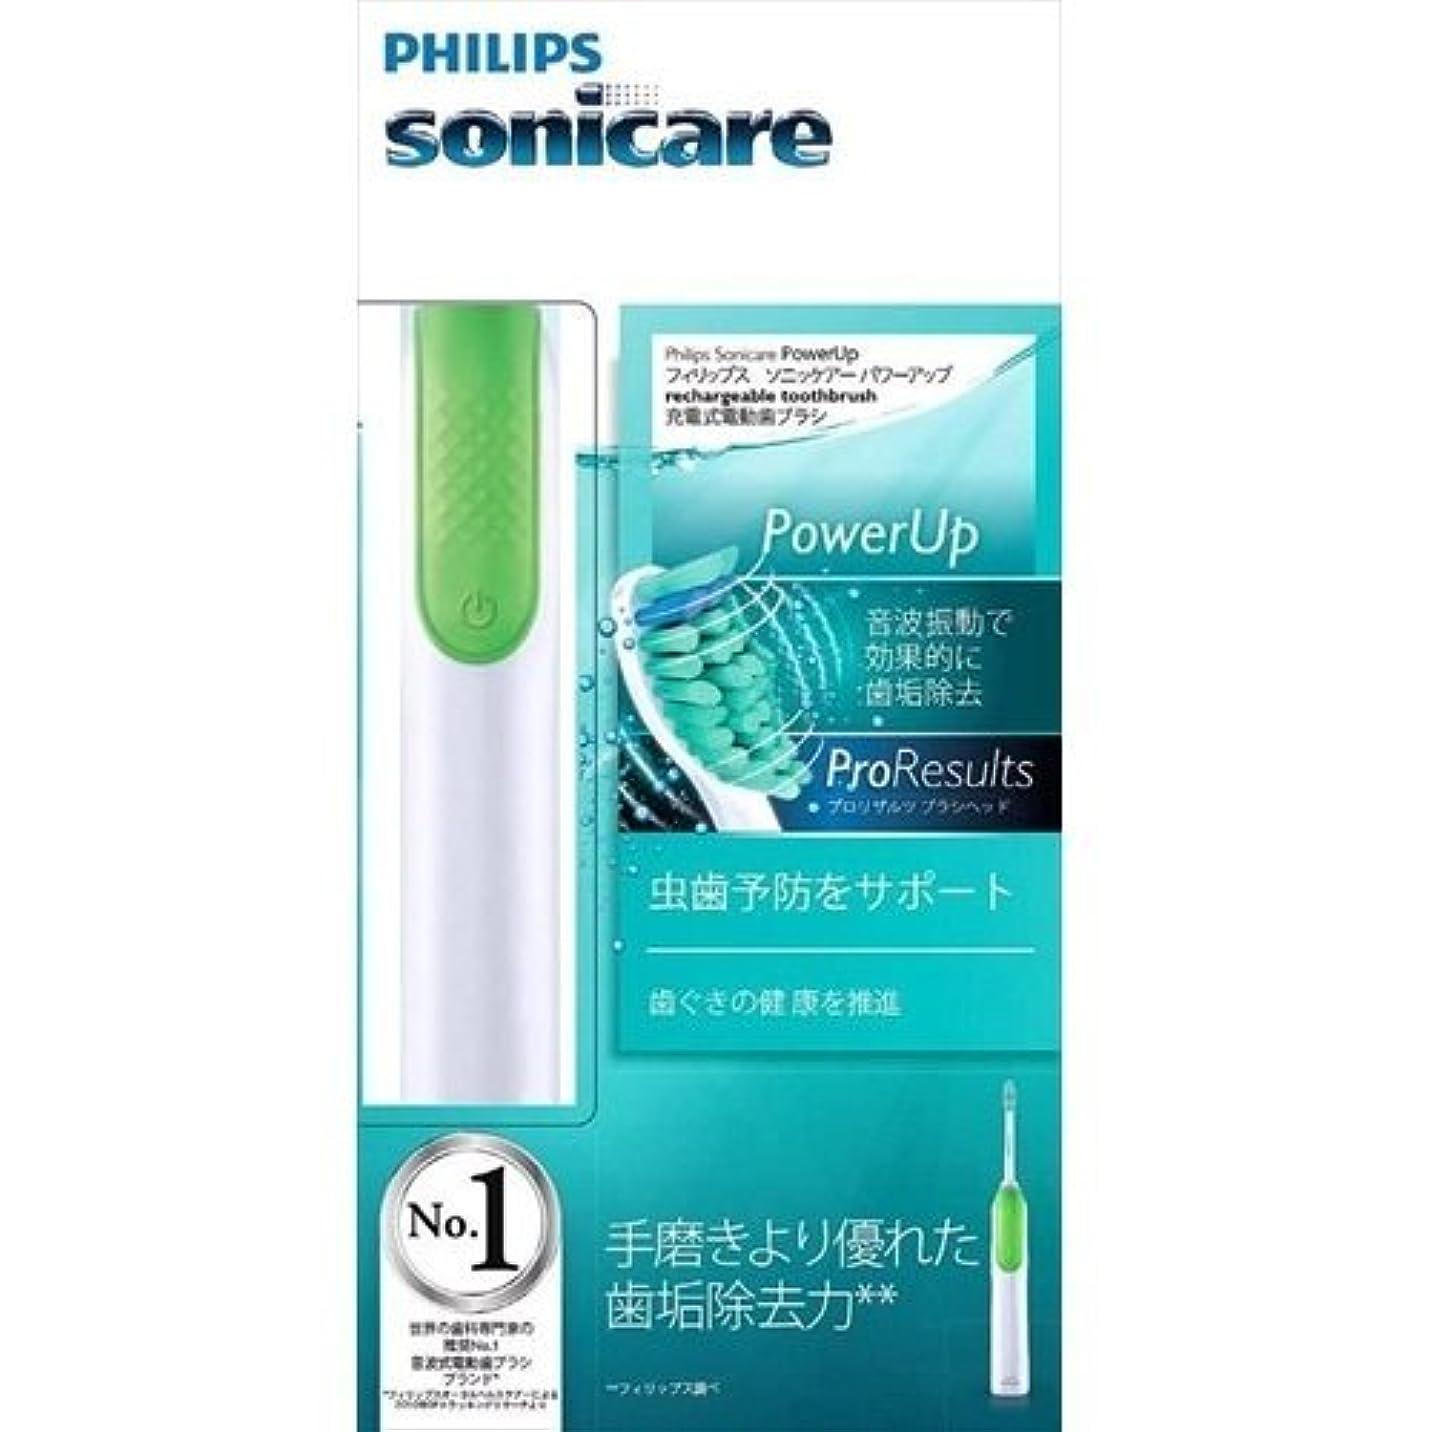 等価キャメル大理石PHILIPS Sonicare(ソニッケアー)パワーアップ音波式電動歯ブラシ HX3110